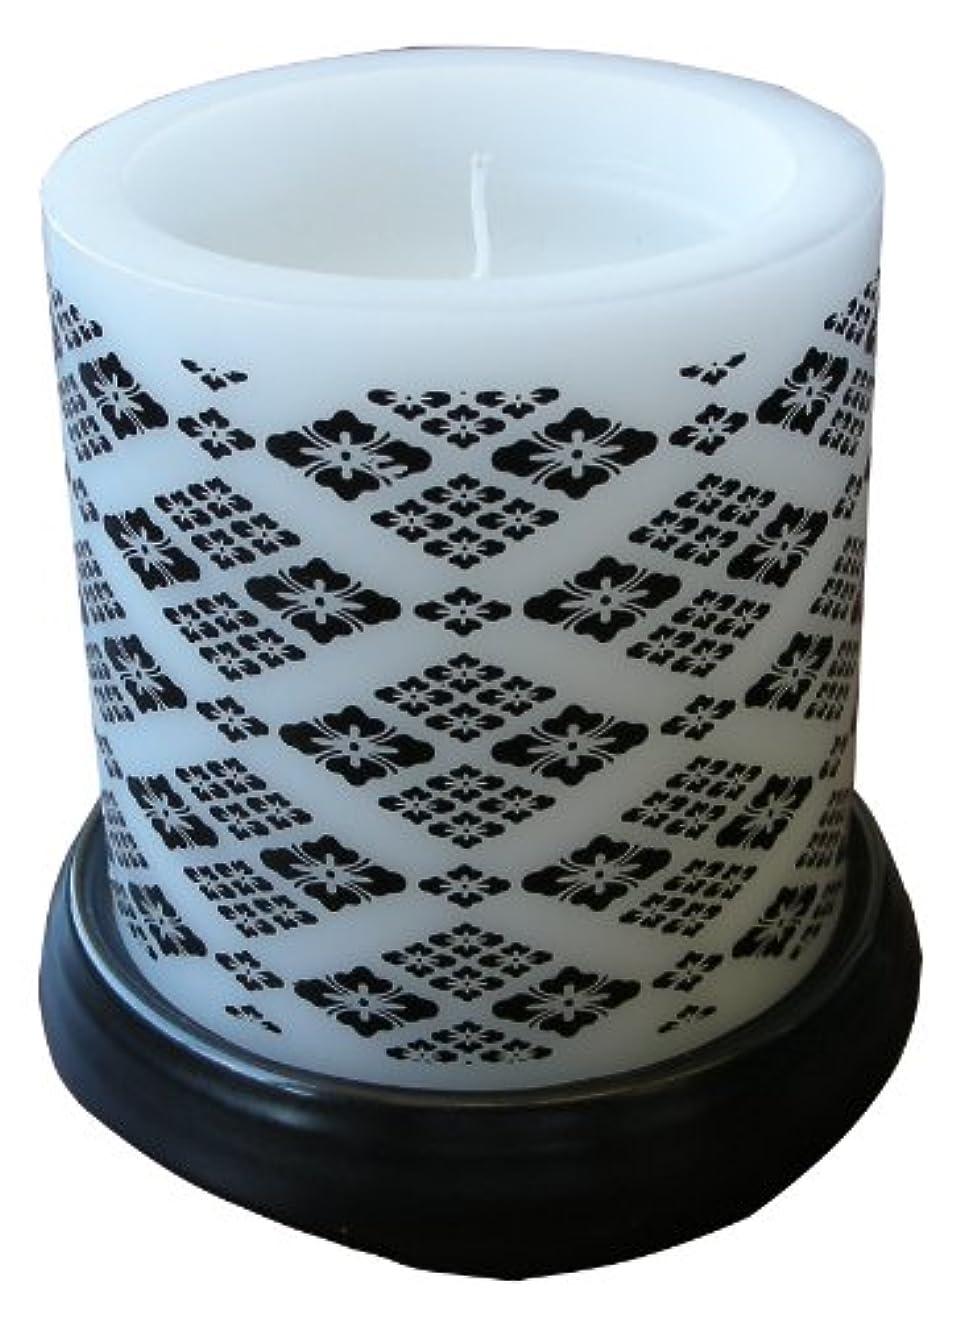 土器ロッド夜明けにマルエス 和みローソク 菱模様 黒 燭台付き